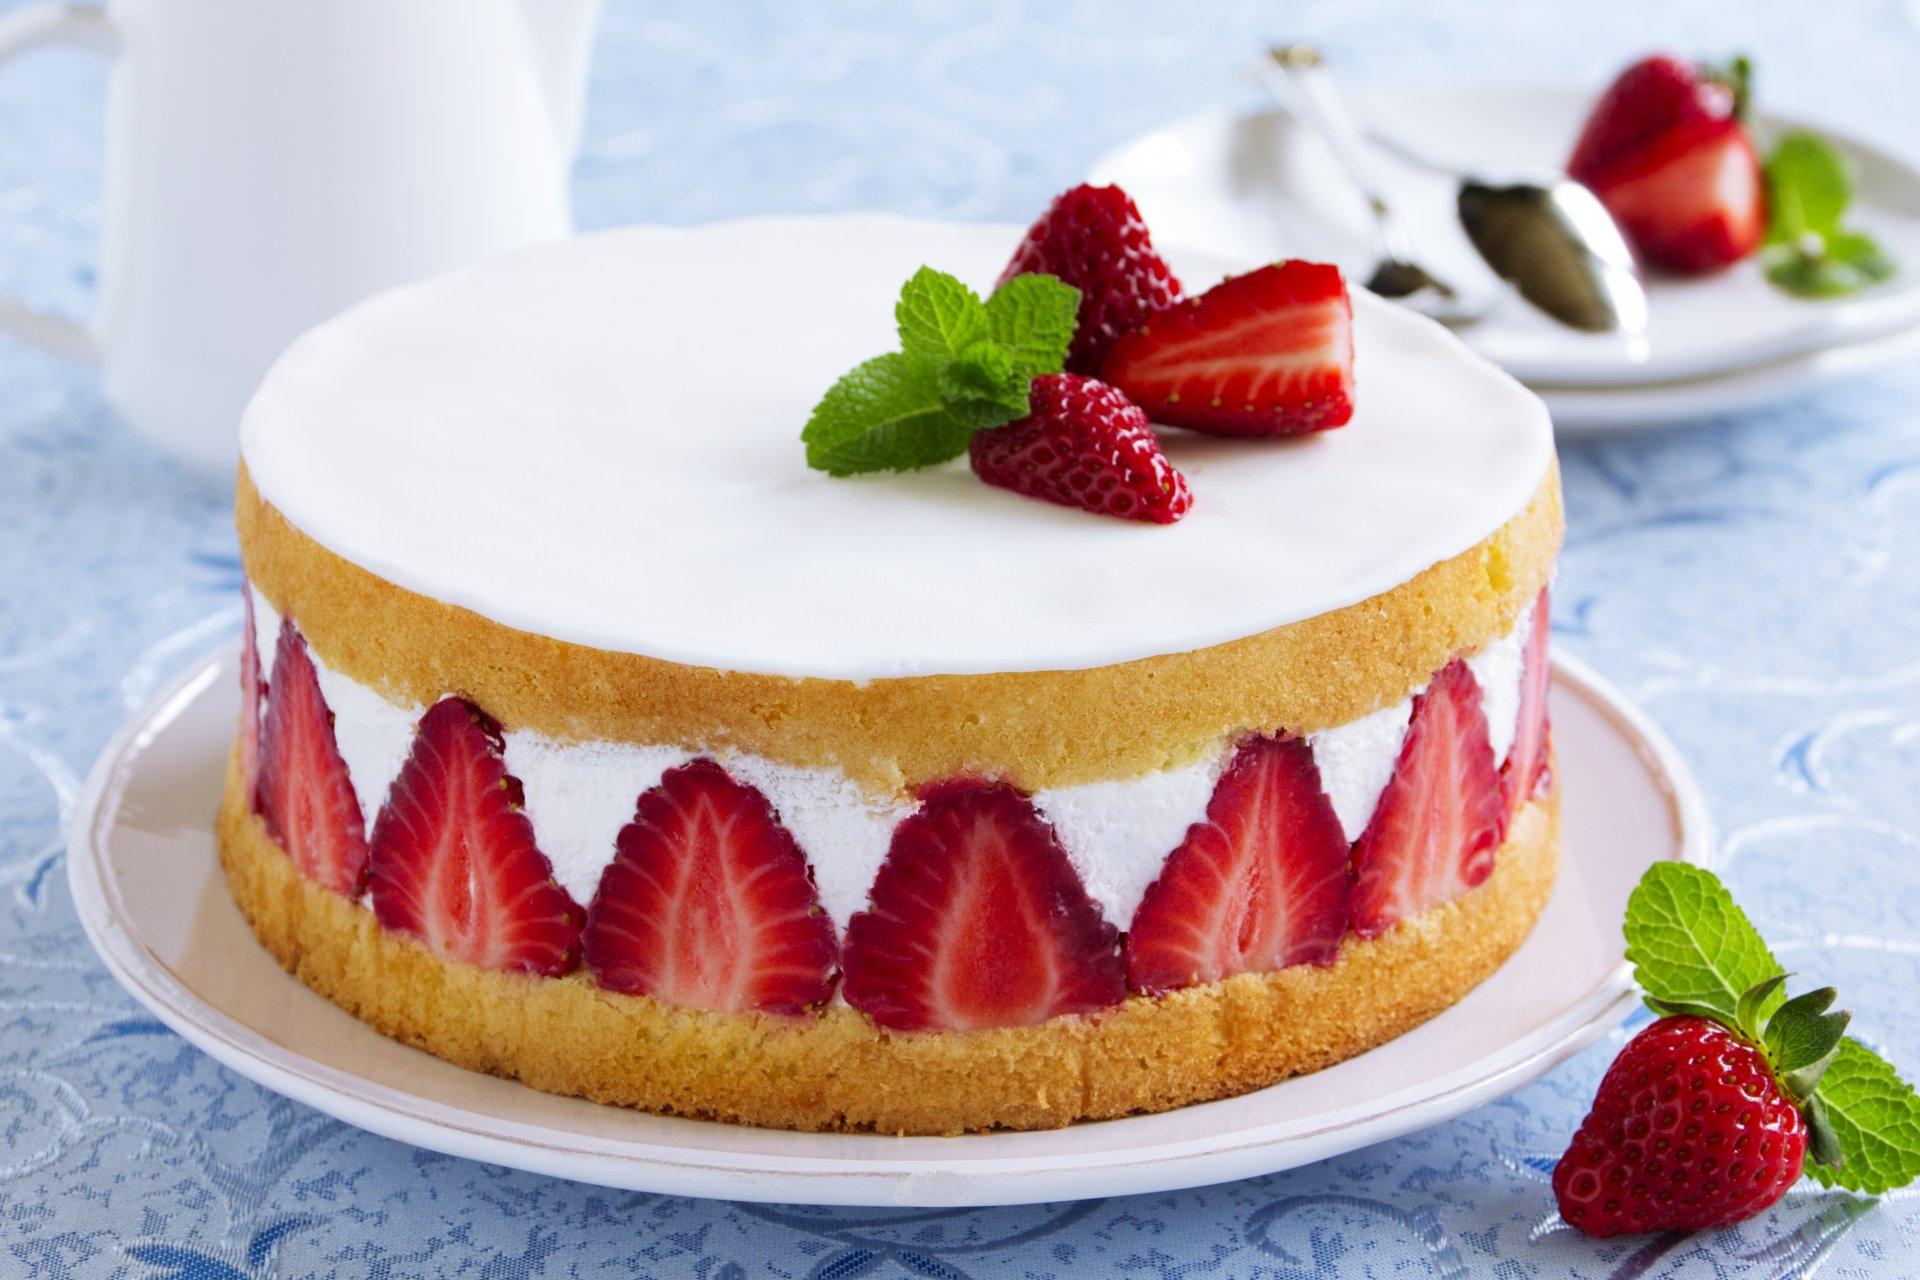 торт картинки хорошего качества свои селения берегах